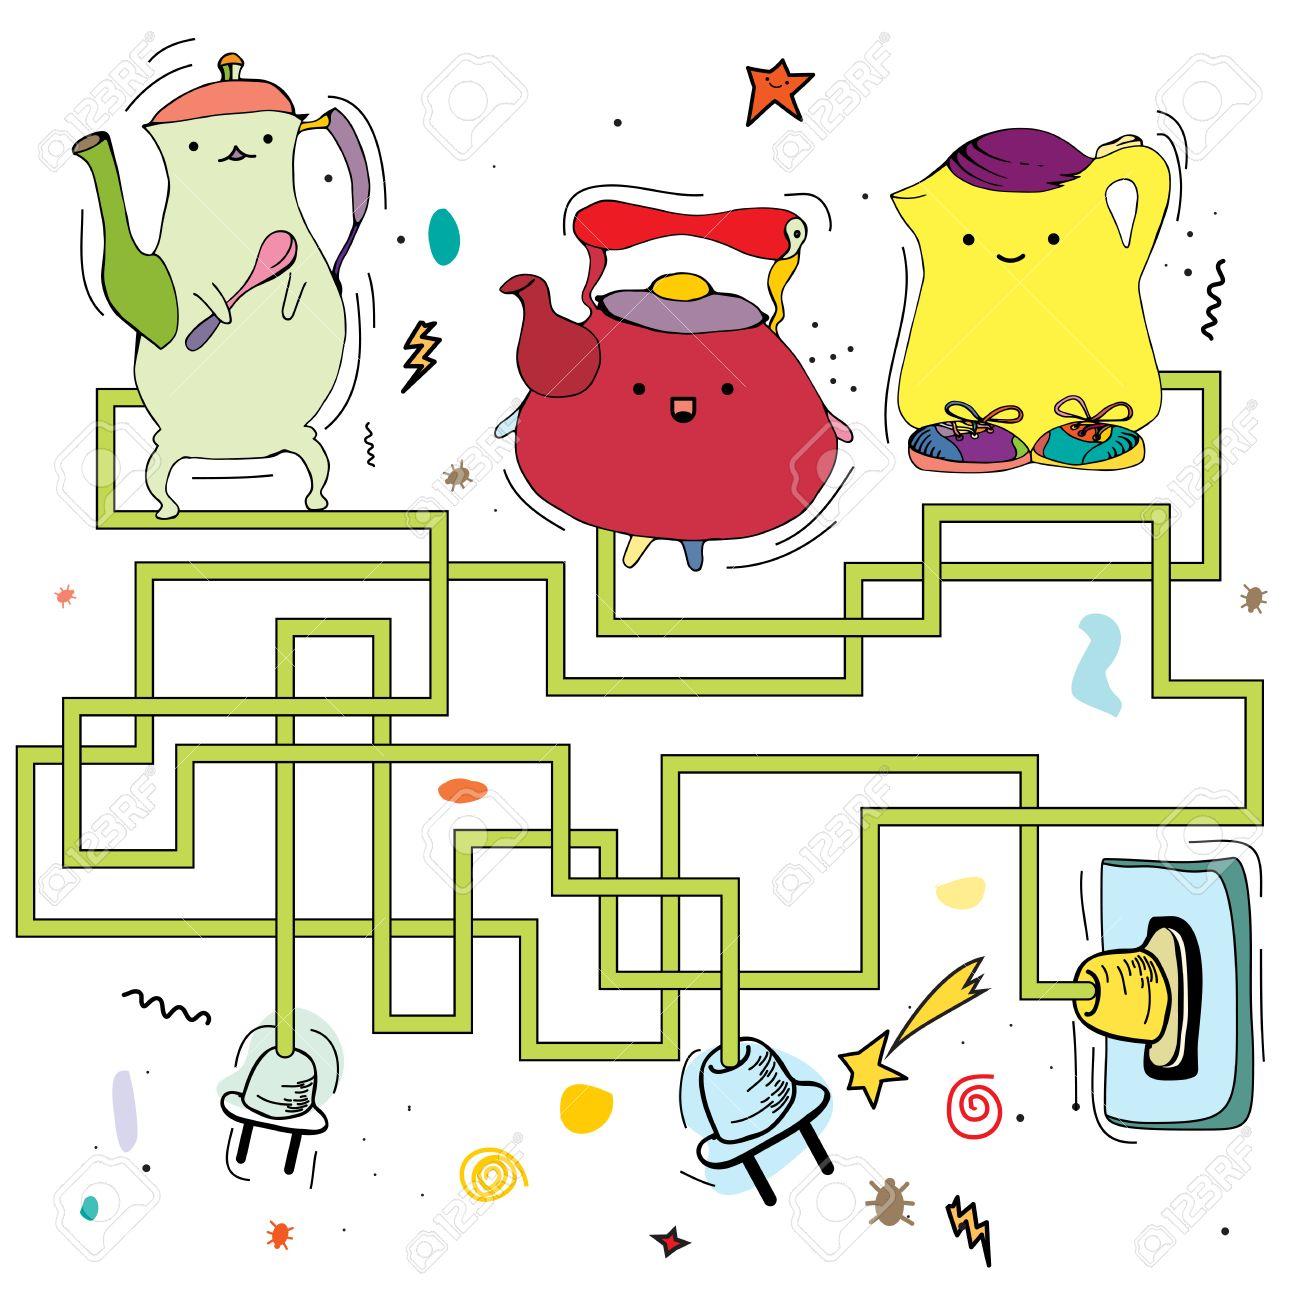 Gemütlich Spiele In Einer Küche Tee Party Zu Spielen Bilder - Ideen ...